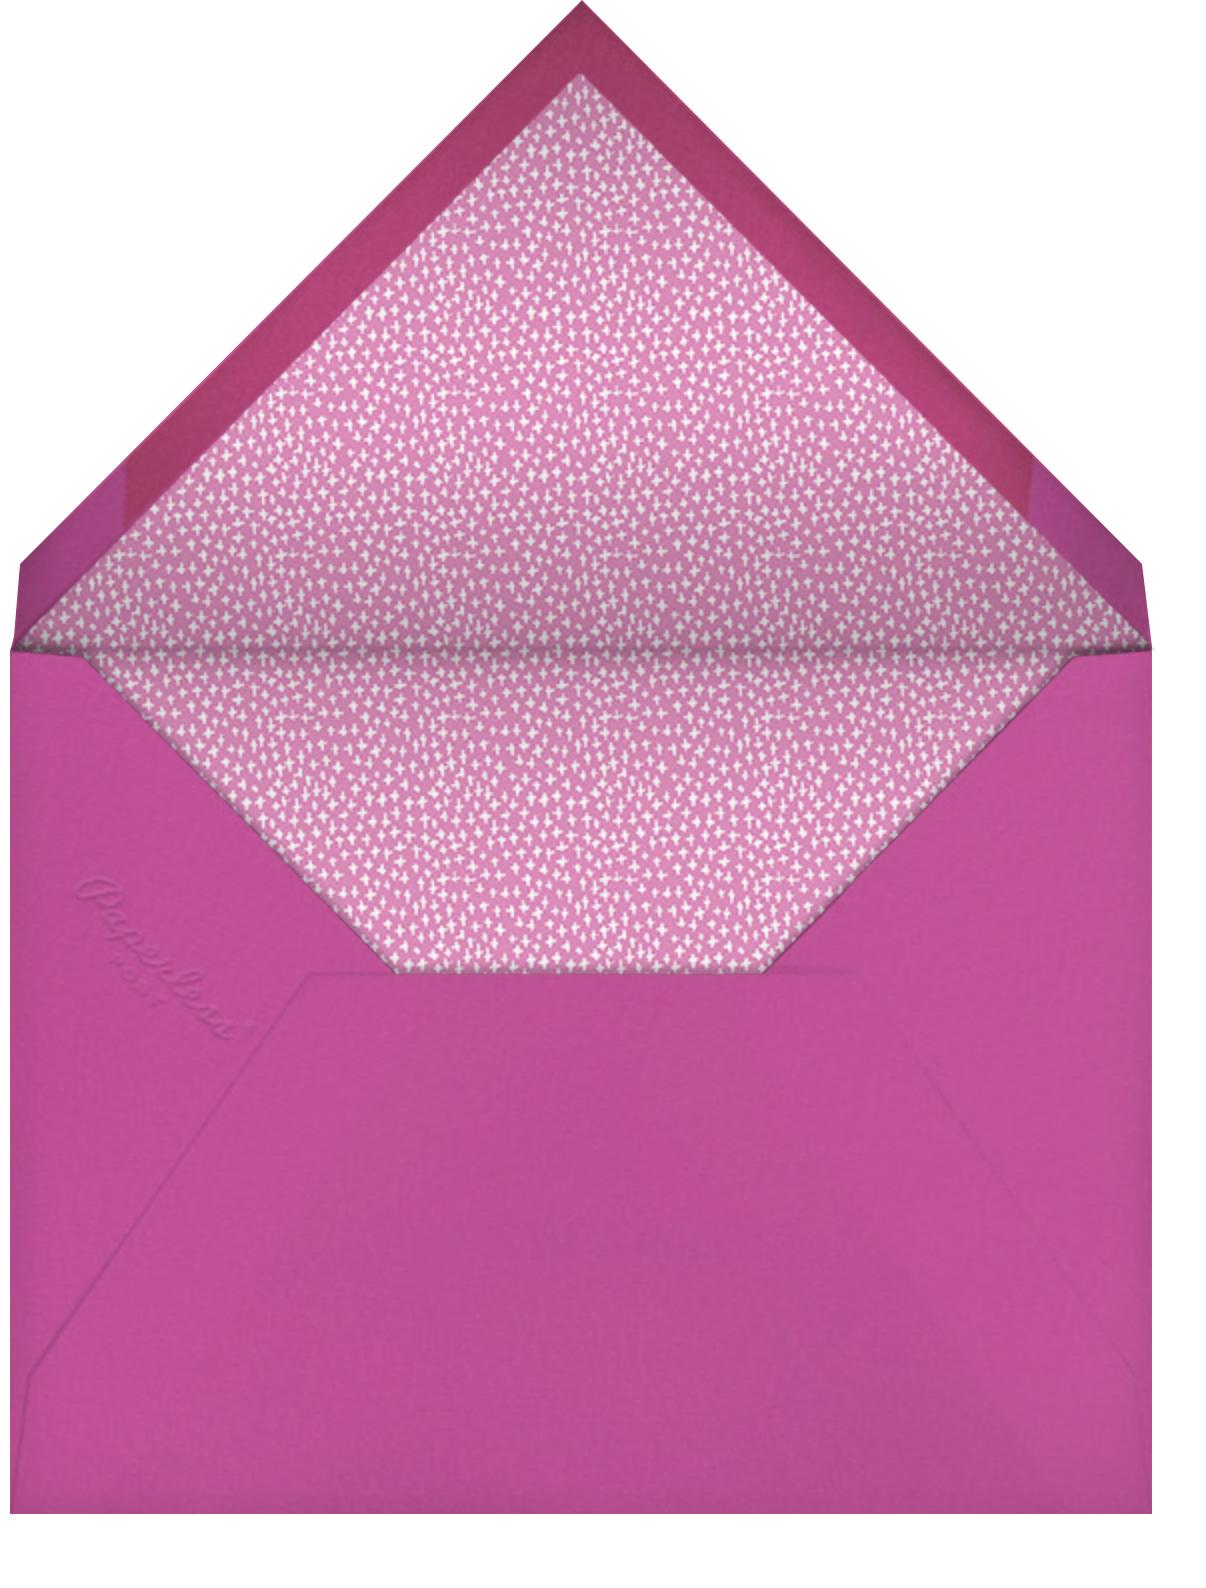 Sips and Sweets - Mr. Boddington's Studio - Bridal shower - envelope back